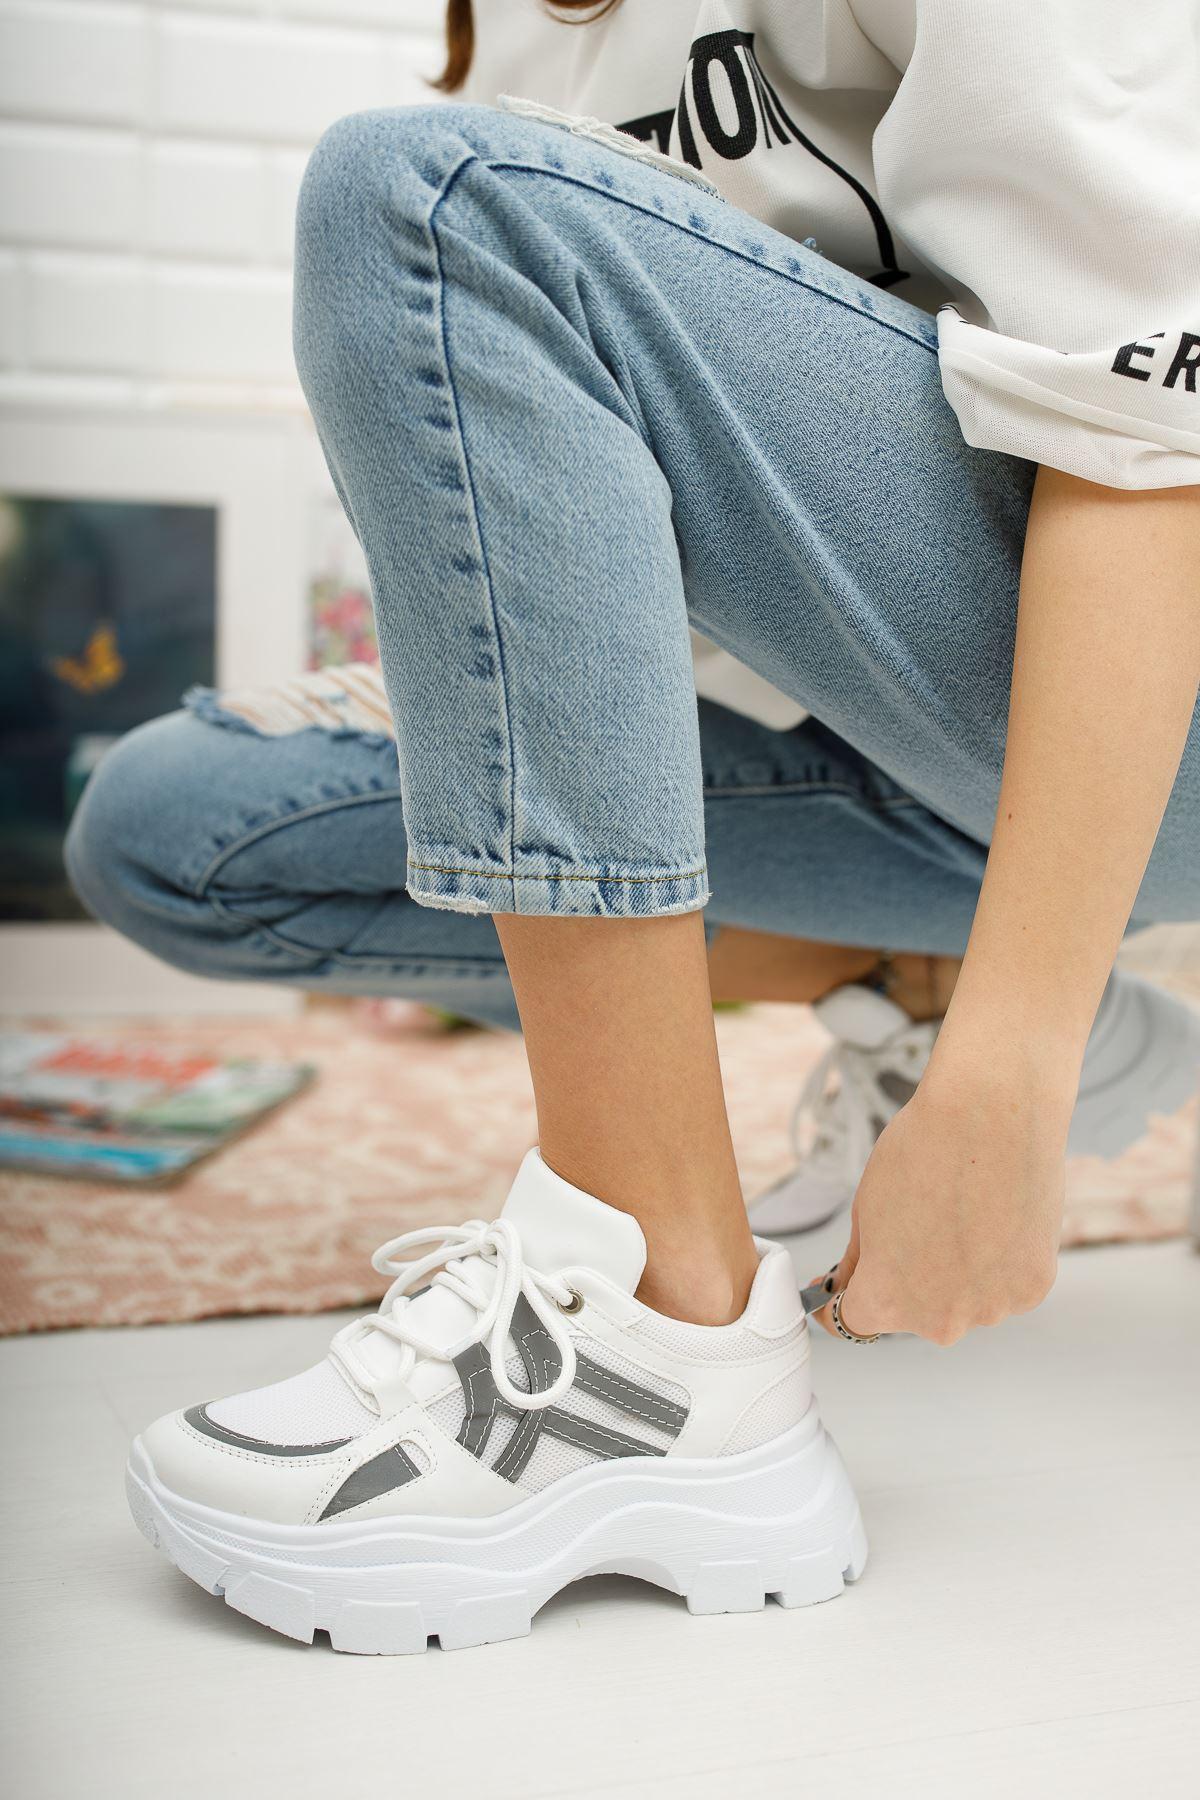 Kadın Venessa Kalın Taban Beyaz Spor Ayakkabı